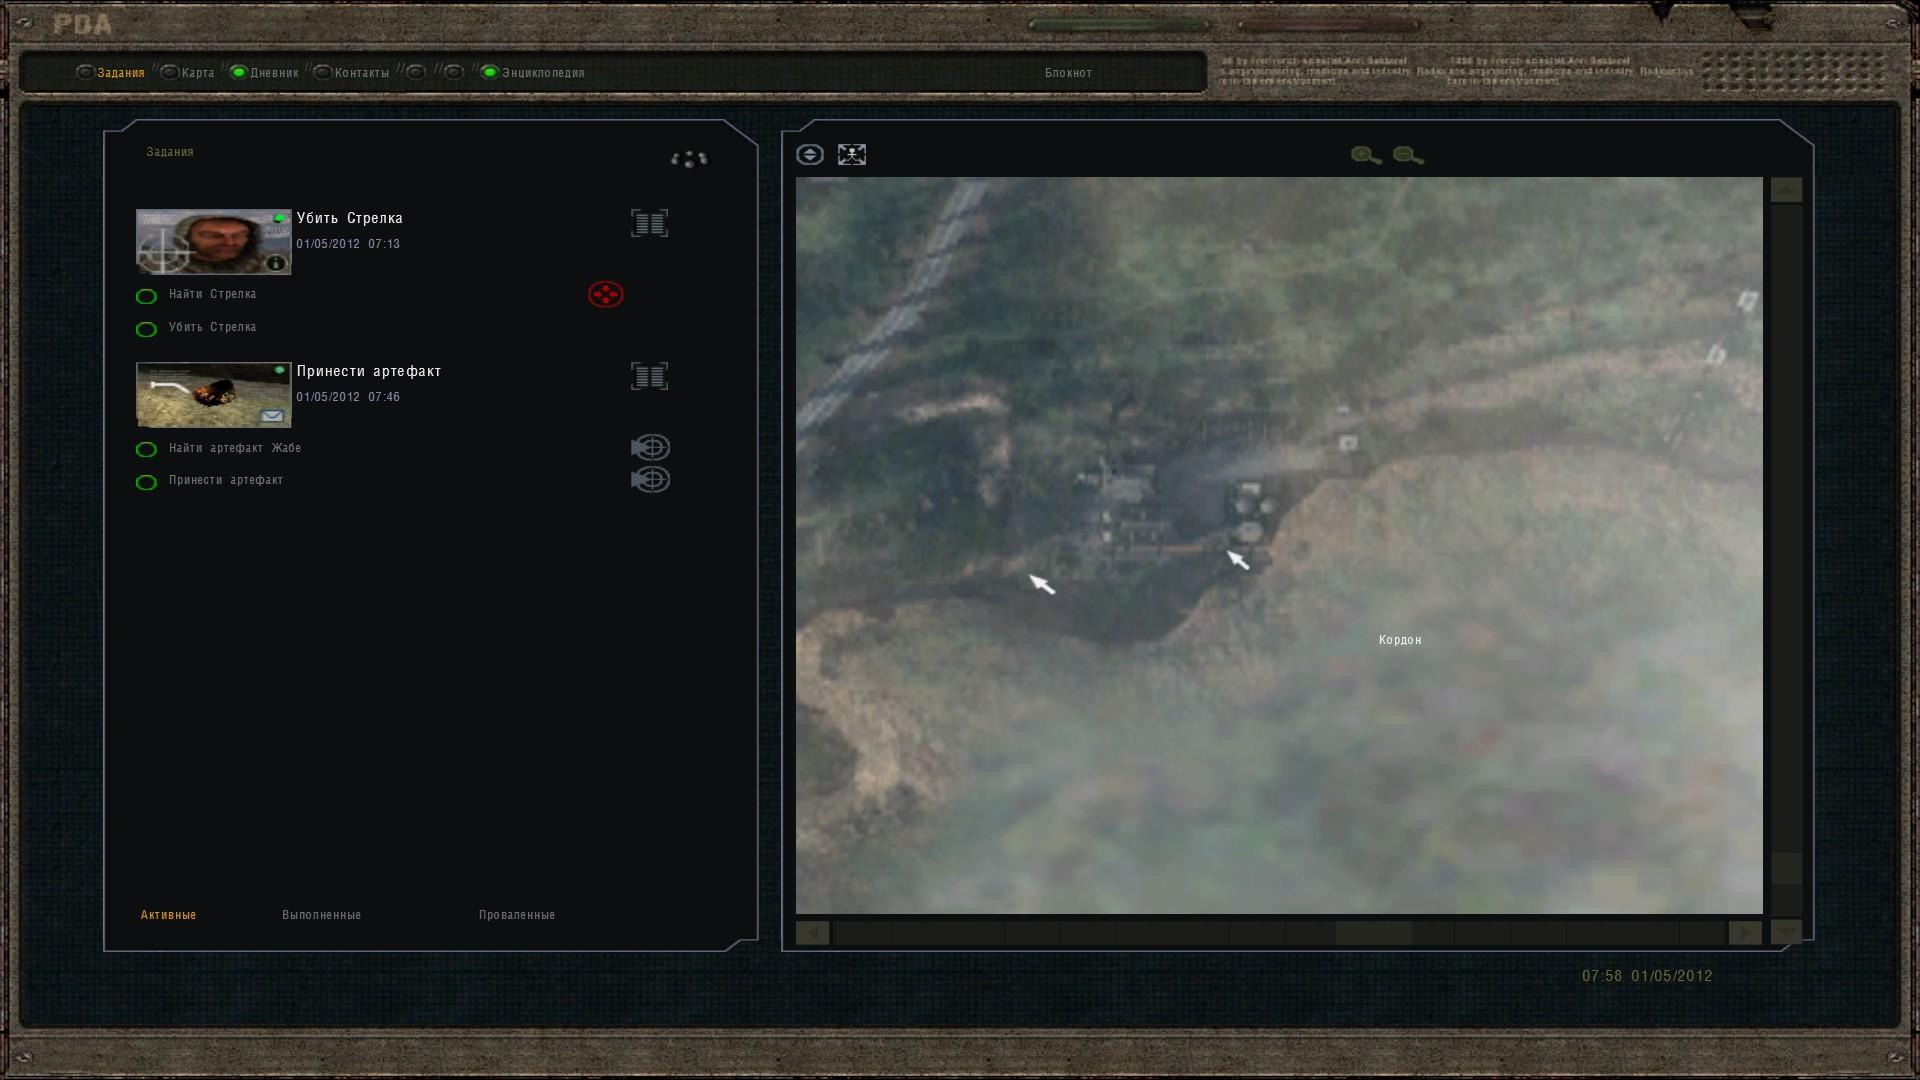 Oblivion Lost Remake 2.5 image 23